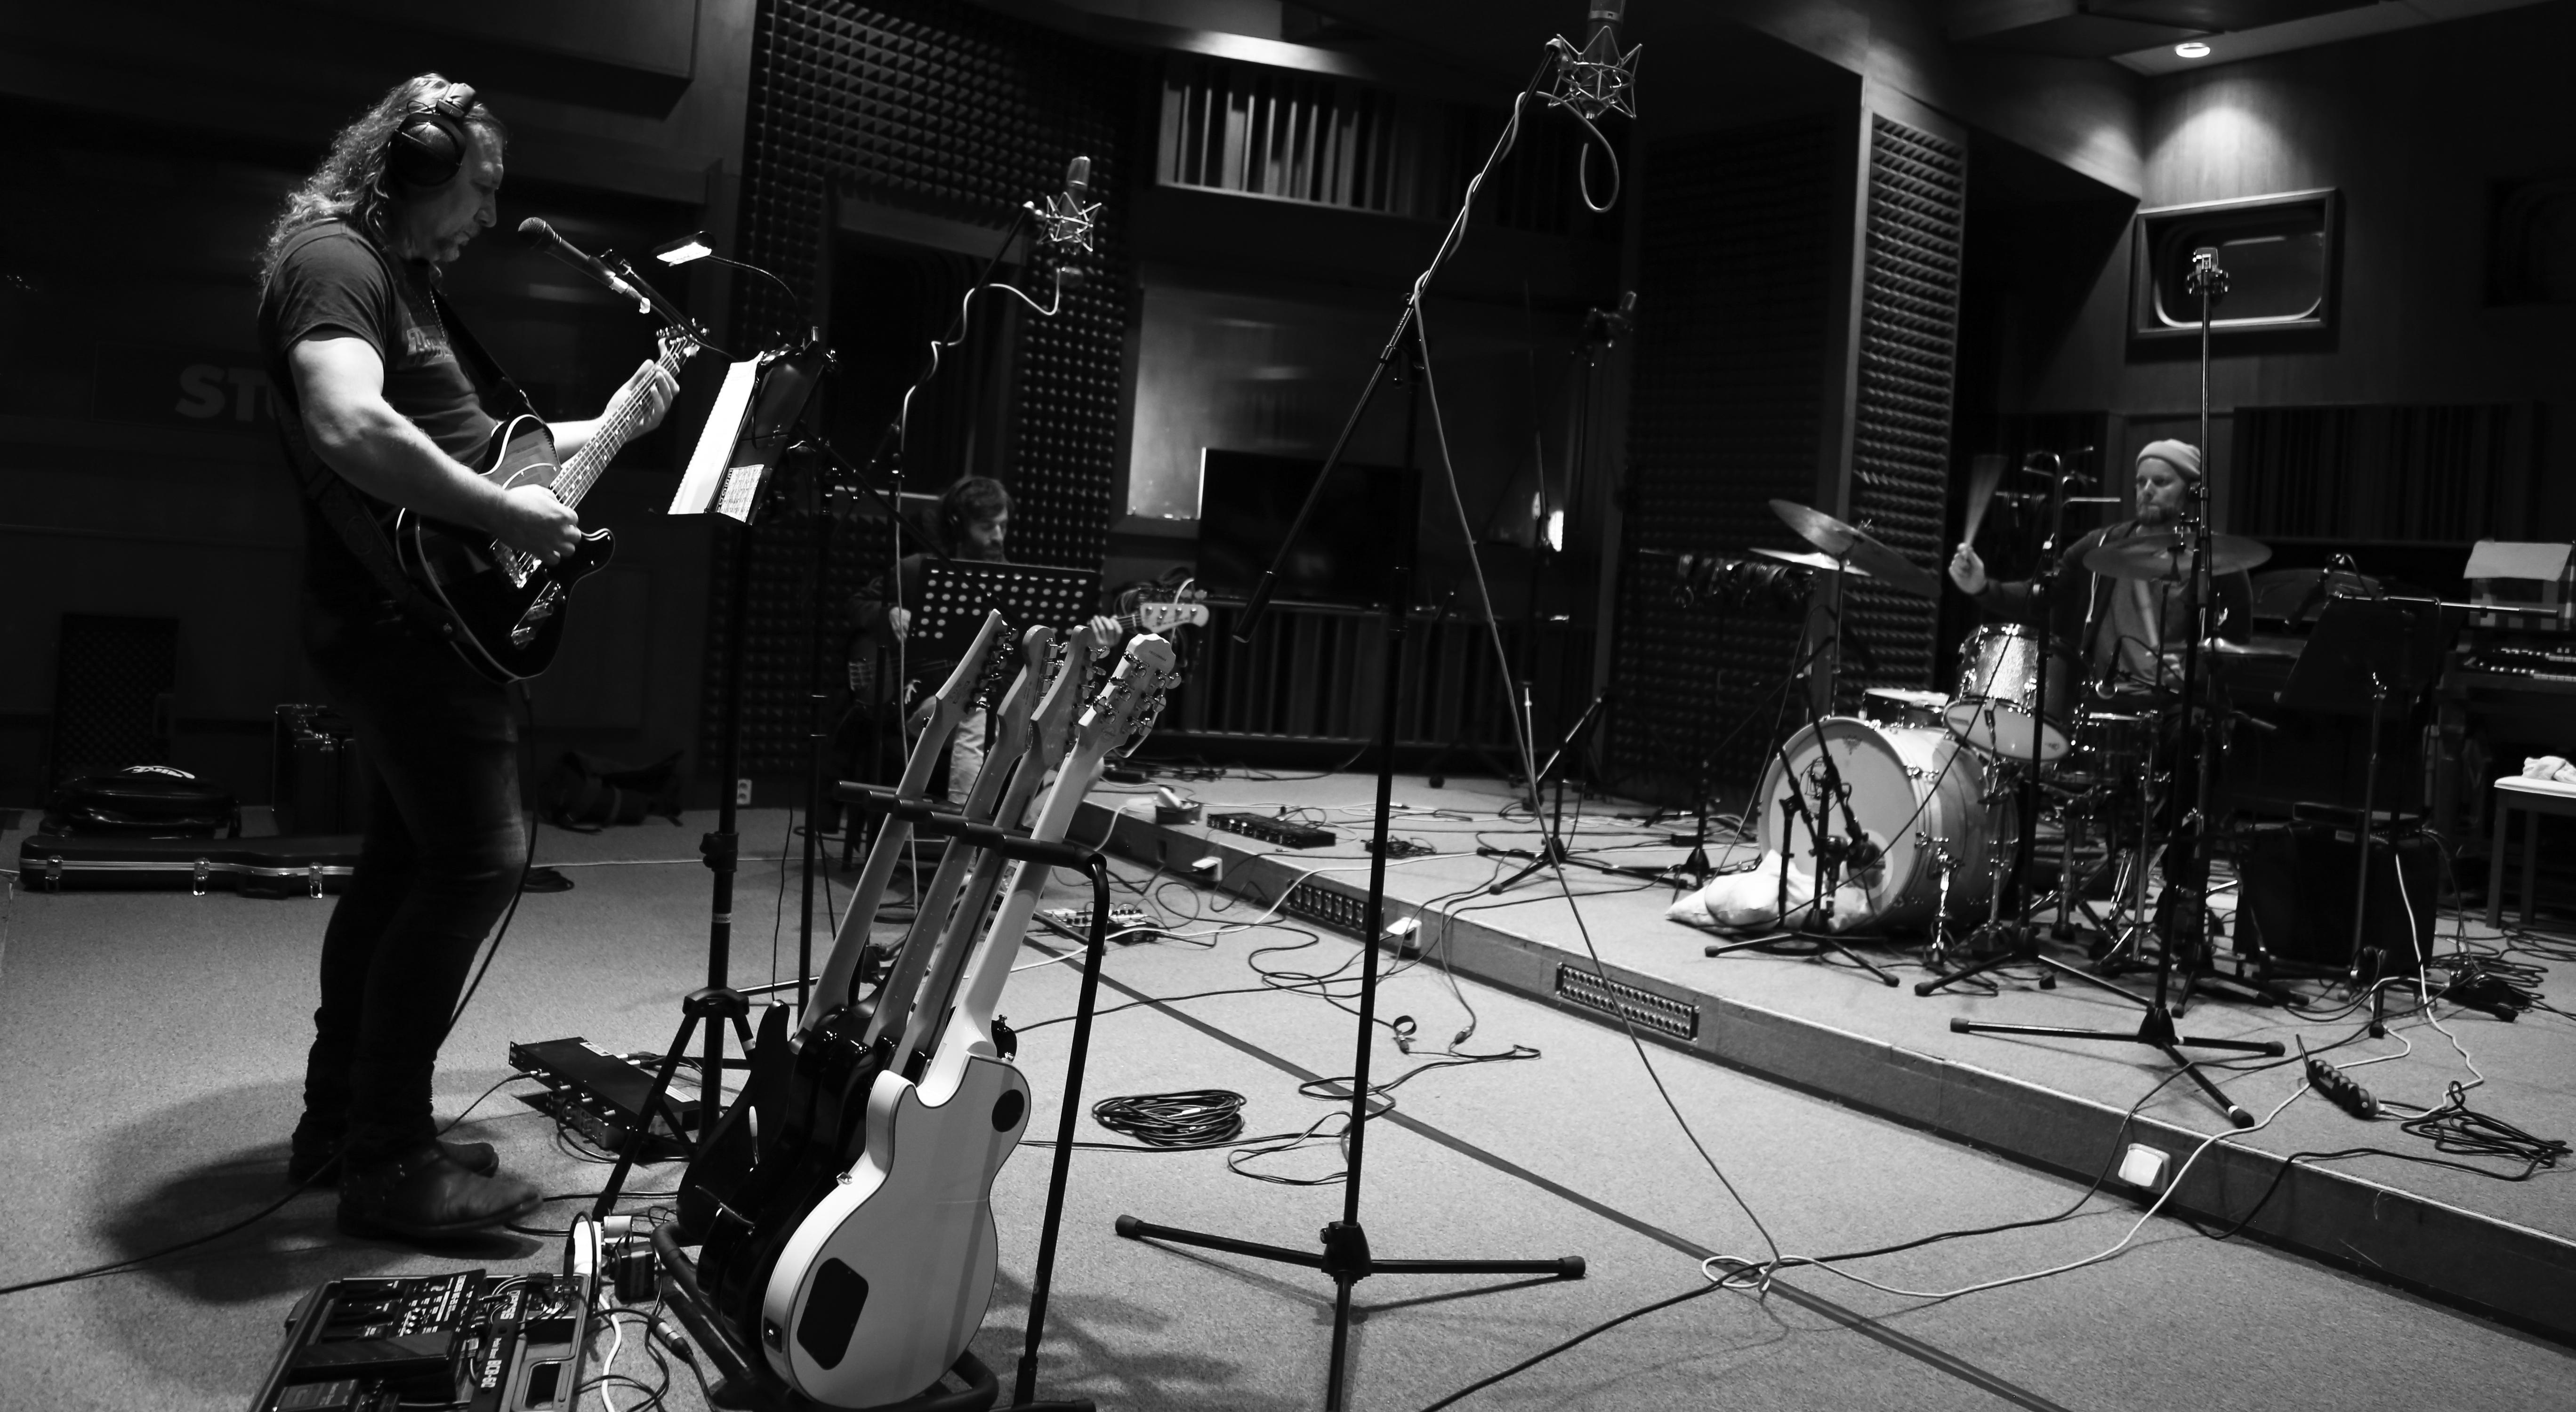 Během nahrávání ve studiu   Foto: Michael Dolejš